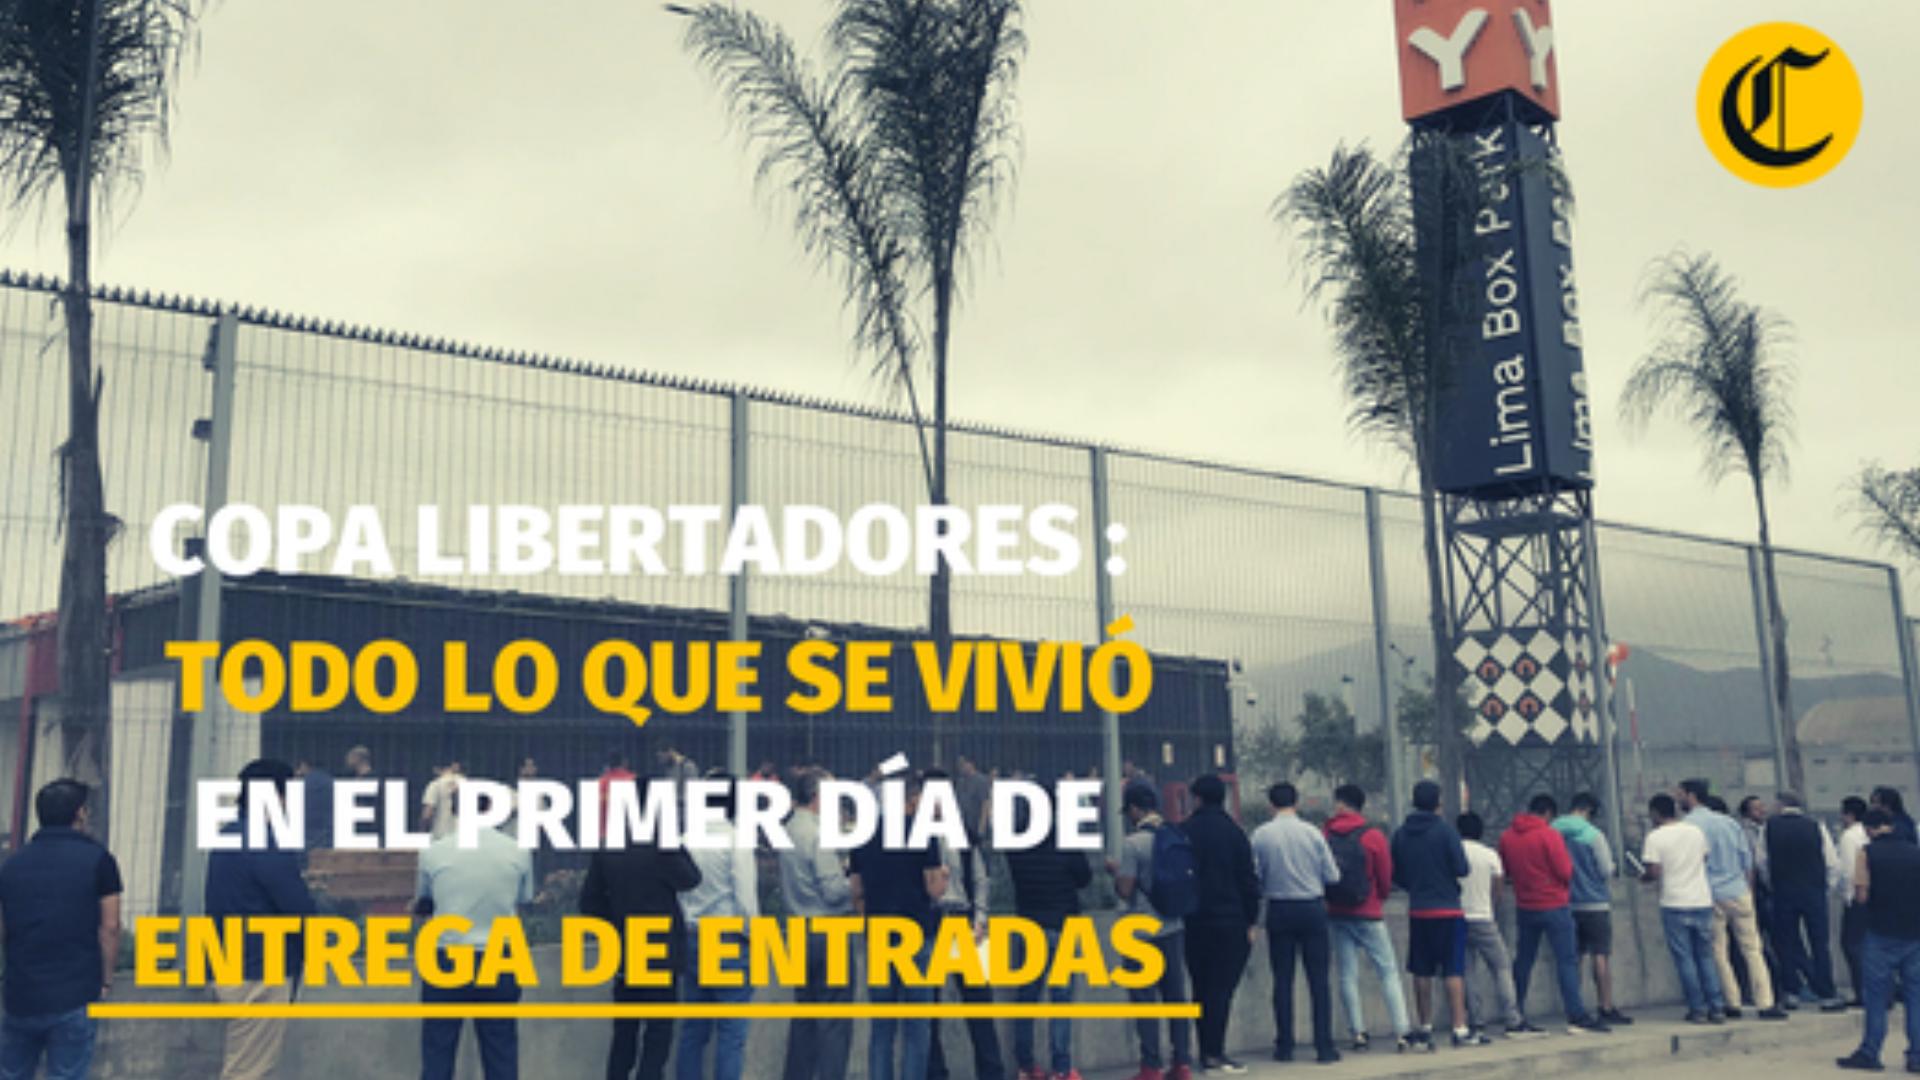 Copa Libertadores 2019: reclamos, desconcierto y todo lo que se vivió en el primer día de entrega de entradas para Flamengo vs. River Plate